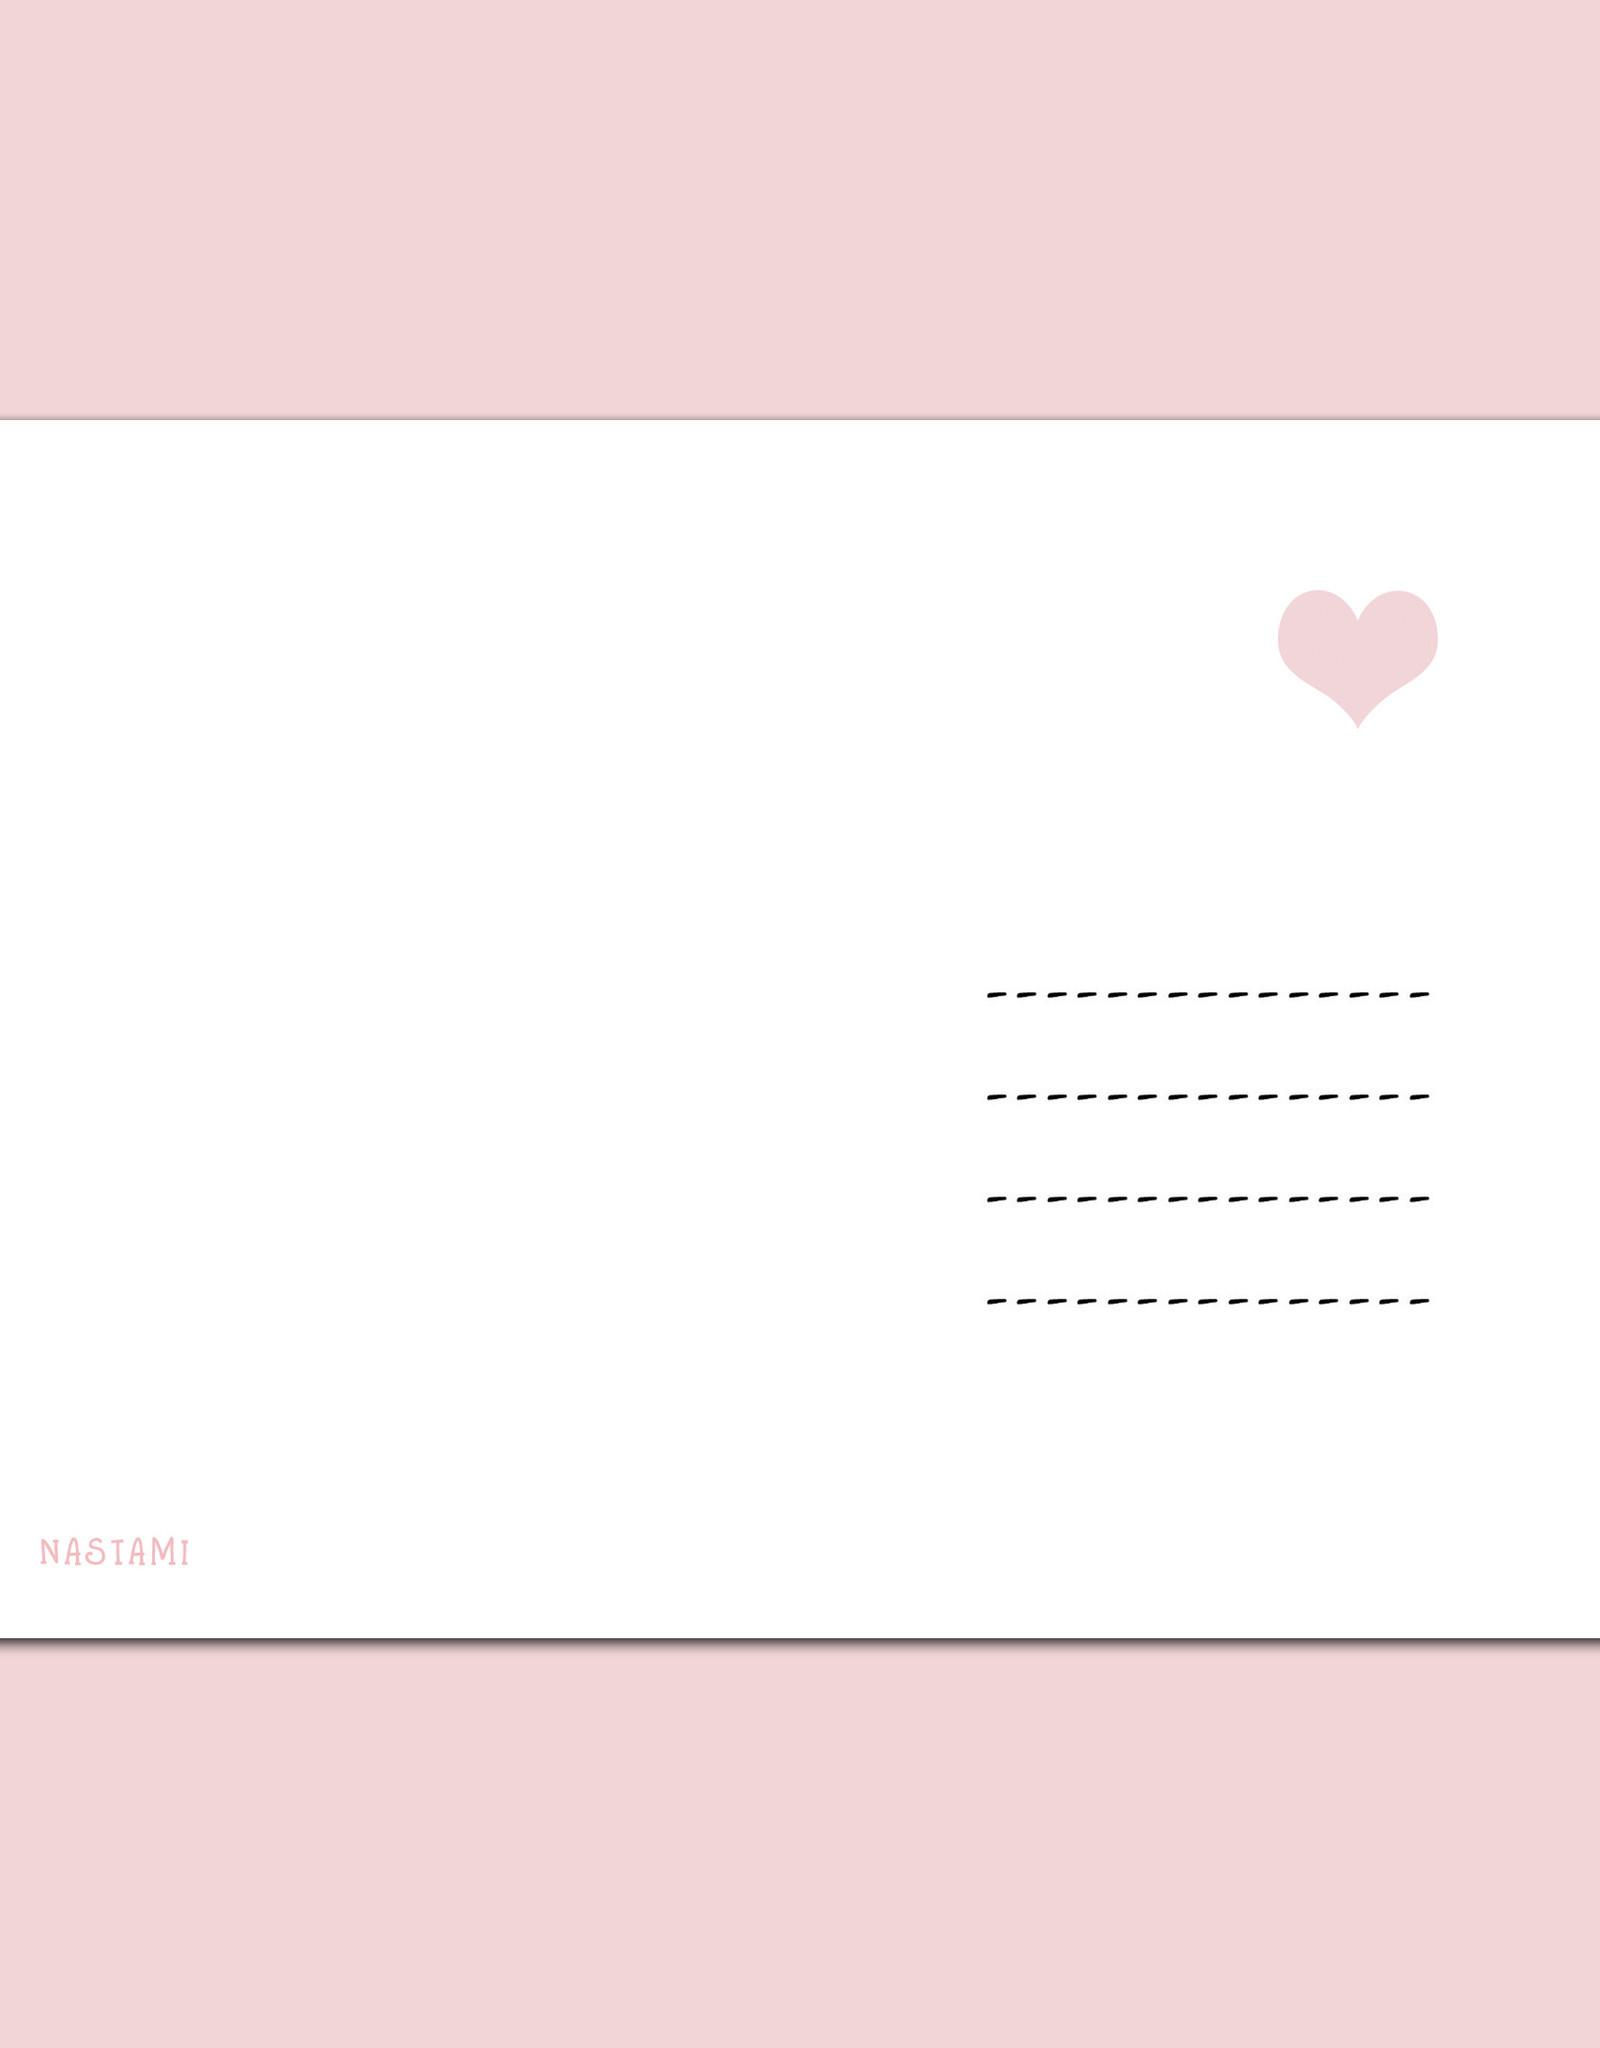 Postkarte Meine Laune ist im Keller WEIN Postkarte Motivationskarte lustig Sprüche Postkarte Wein Geschenk Mädelsabend